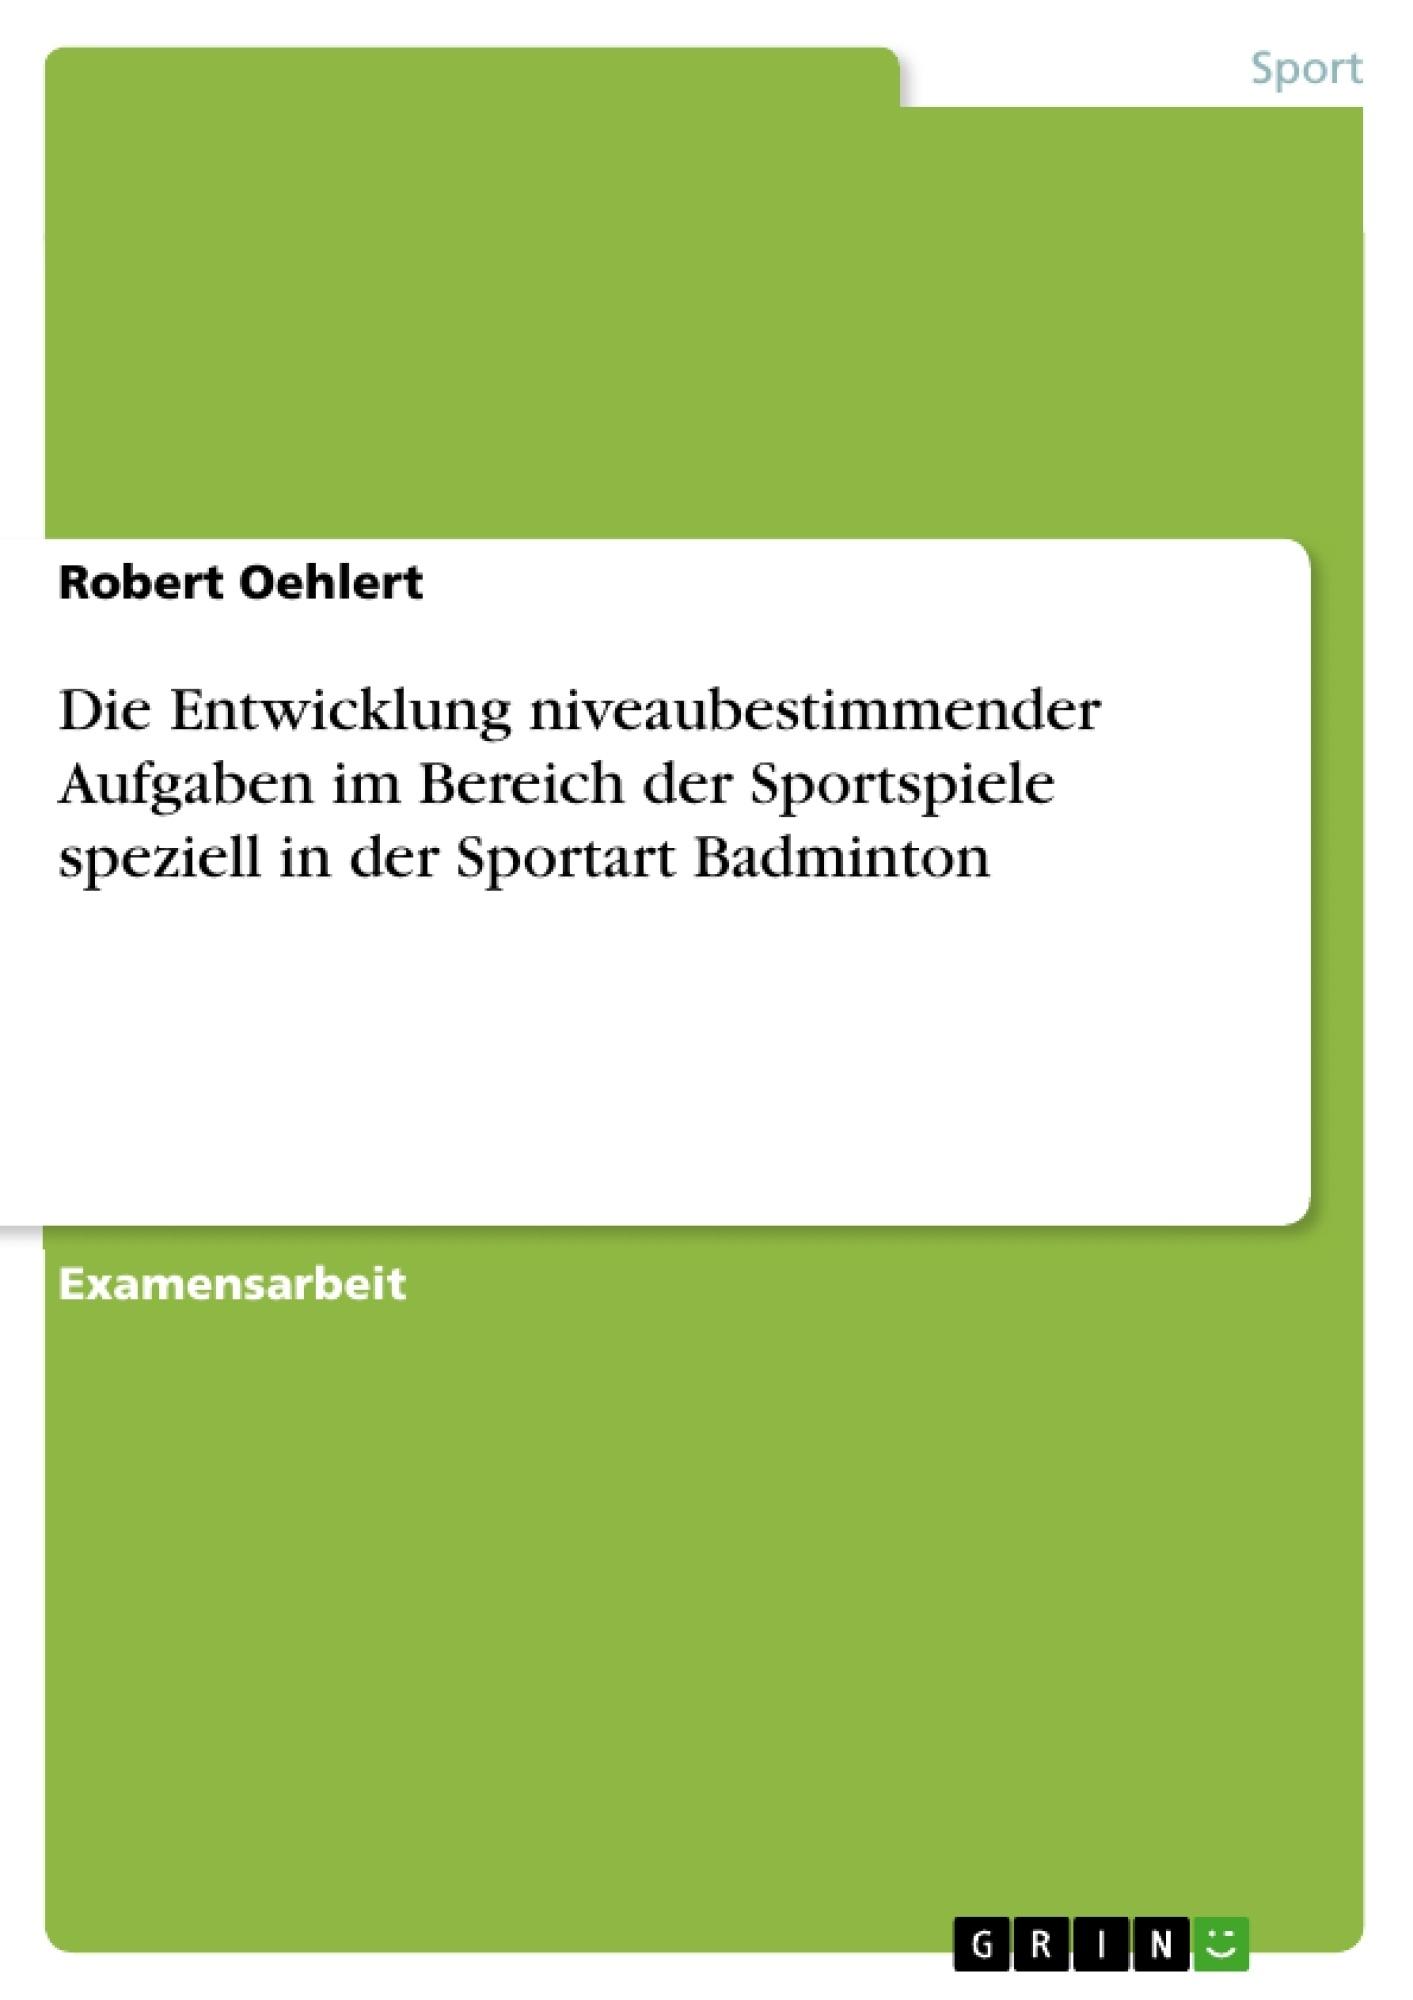 Titel: Die Entwicklung niveaubestimmender Aufgaben im Bereich der Sportspiele speziell in der Sportart Badminton